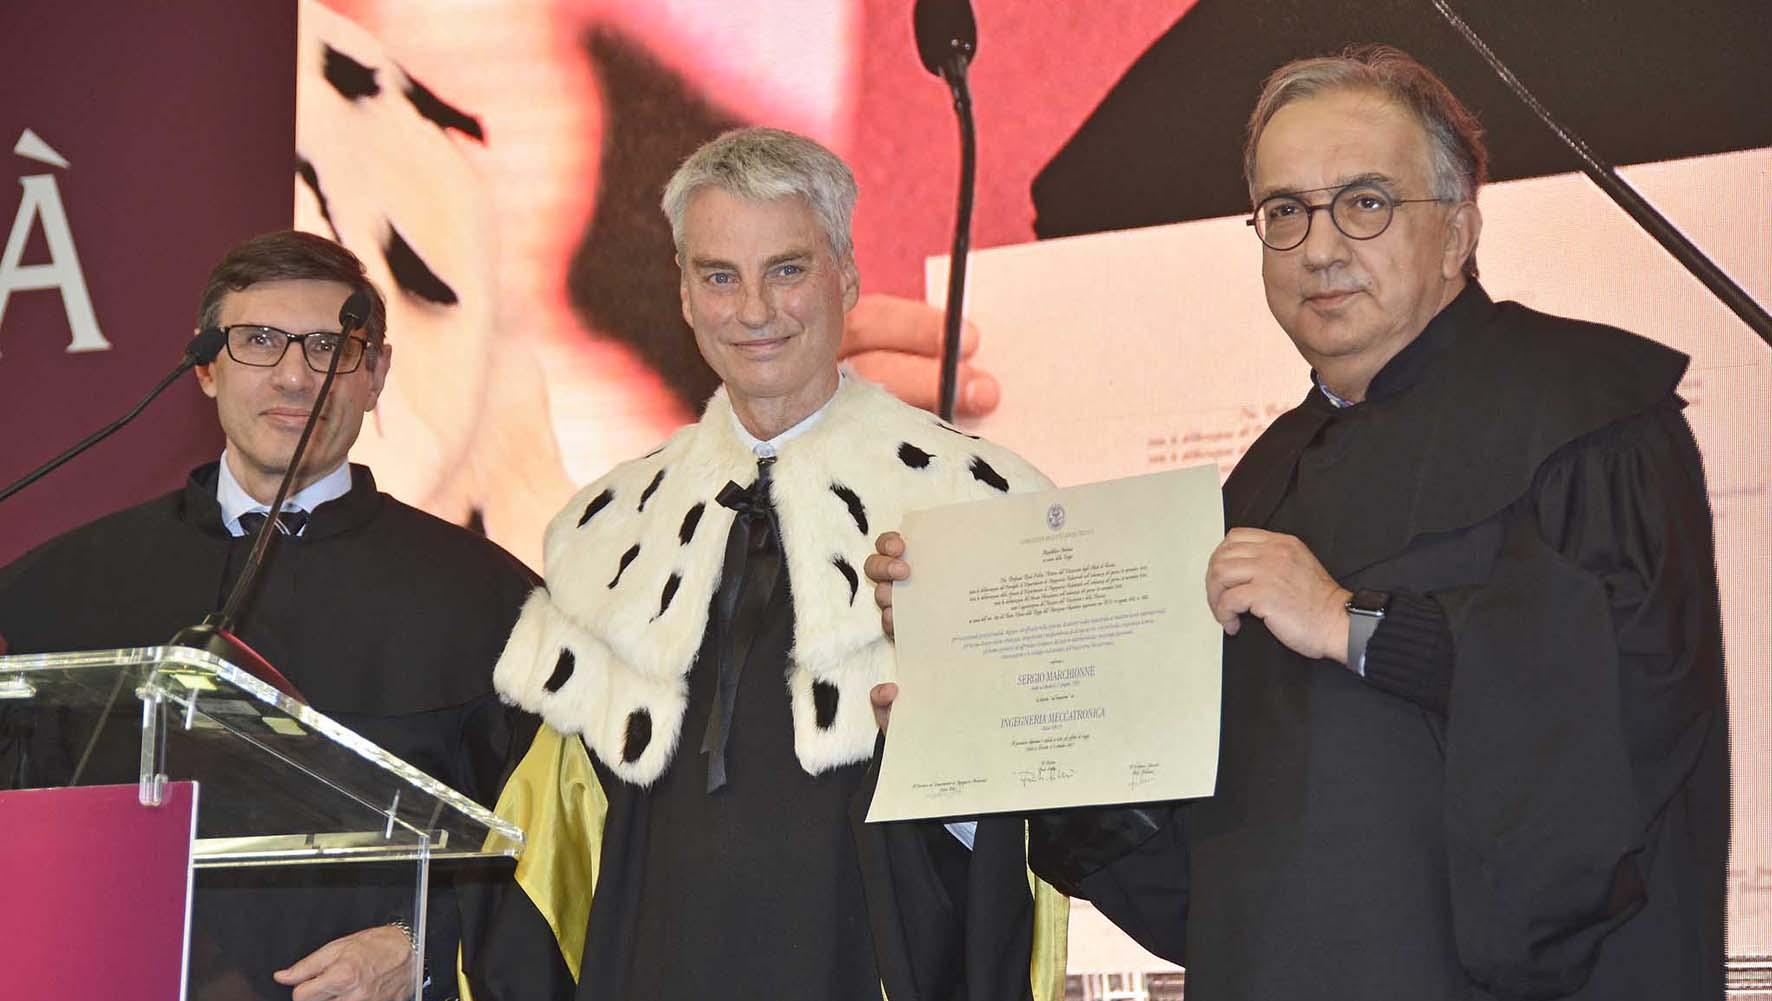 UniTN laura honoris causa Ingegneria industirale sergio marchionne consegna laurea 2